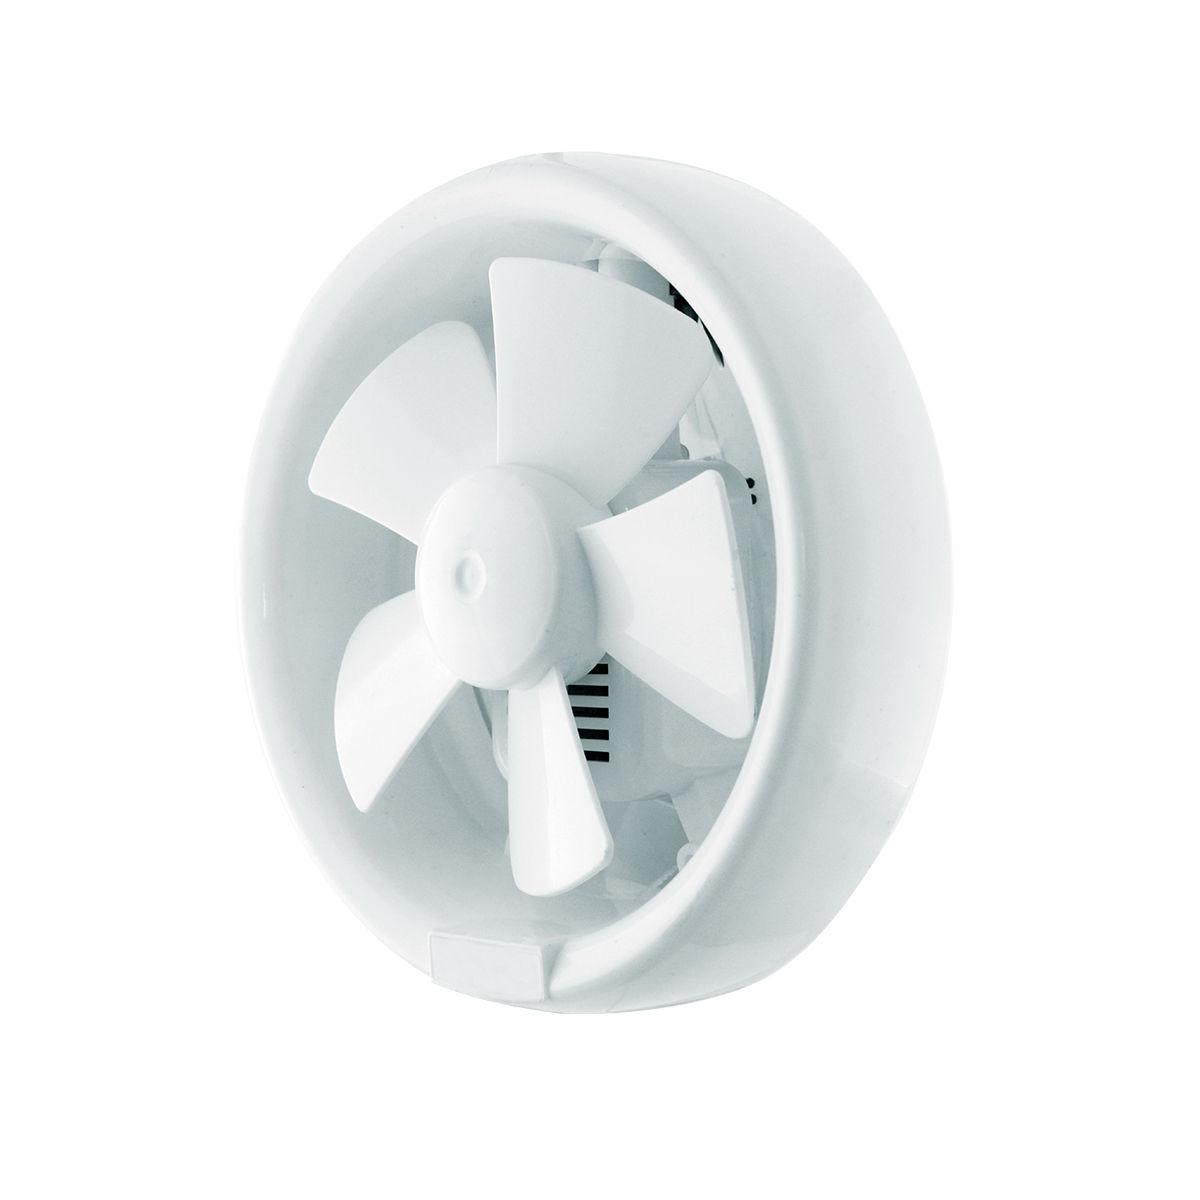 Стоит ли покупать вентиляторы для окон?